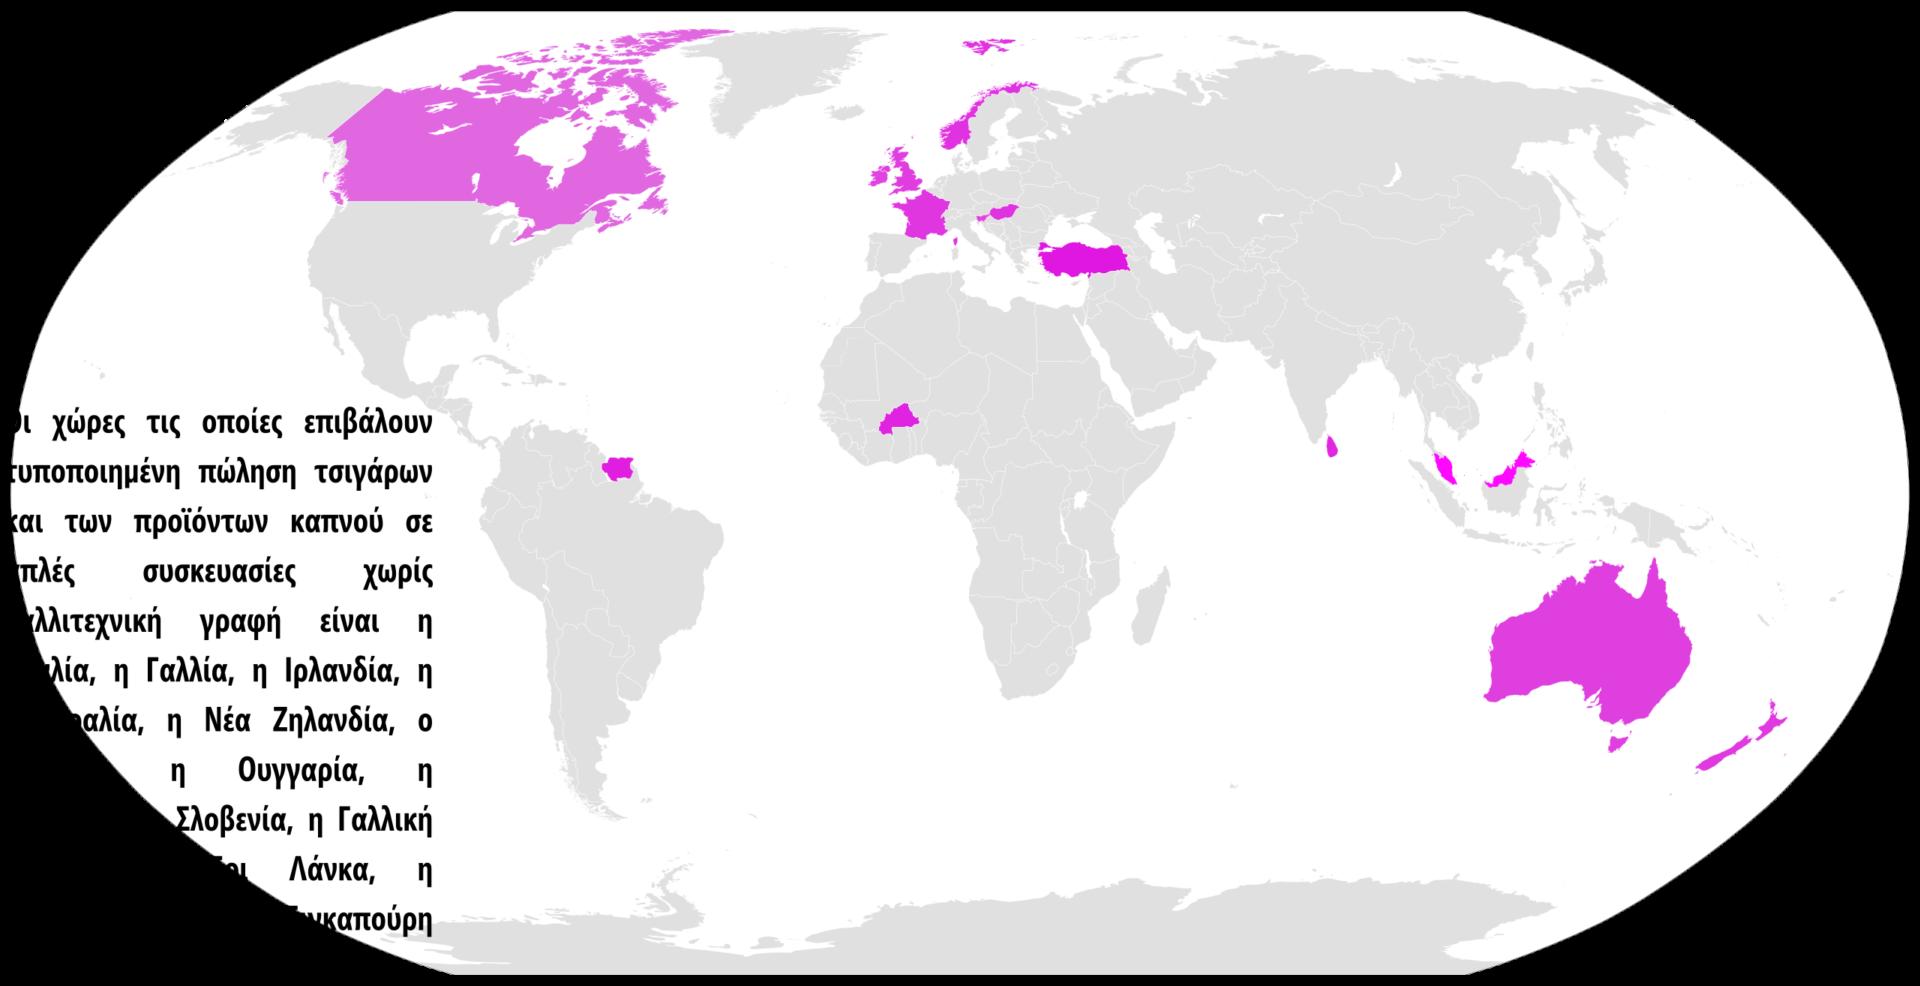 Ο χάρτης έχει ενημερωθεί με την Τουρκία.